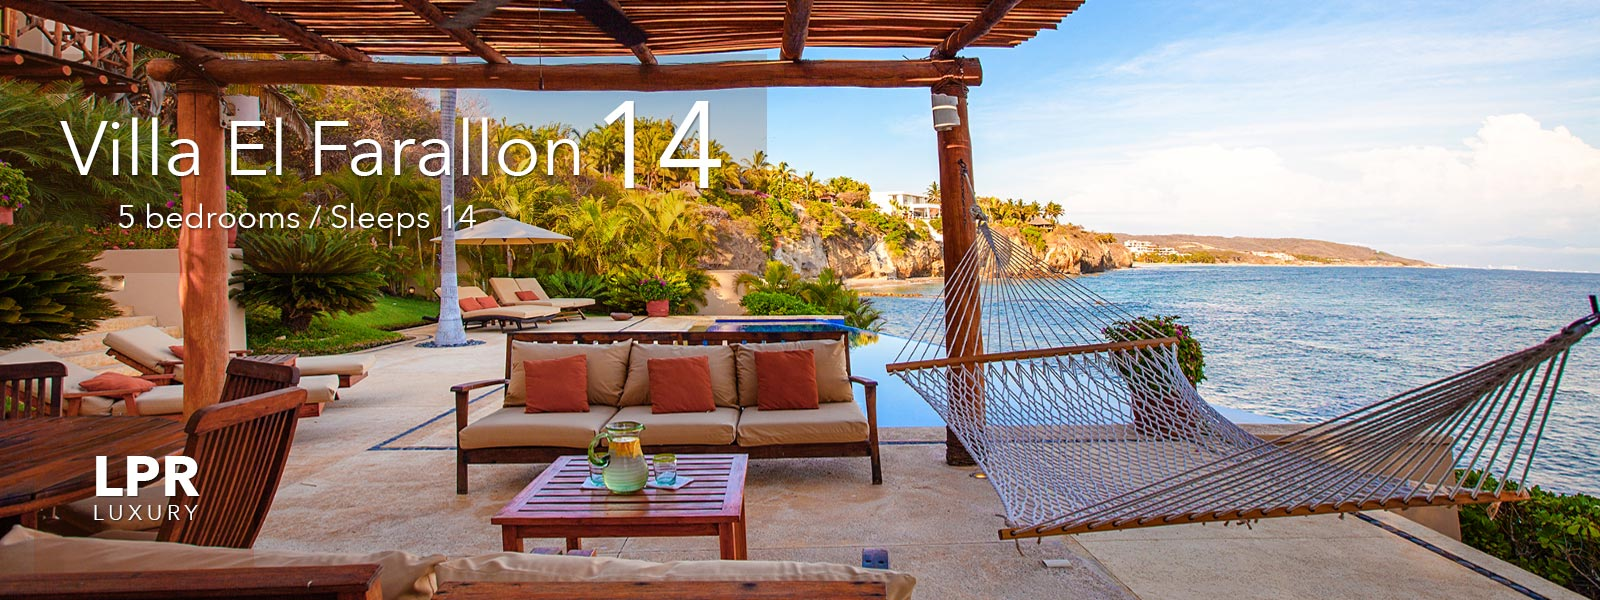 Villa el Farallon 14 - Punta de Mita Puerto Vallarta luxury real estate - Villa for sale and rent